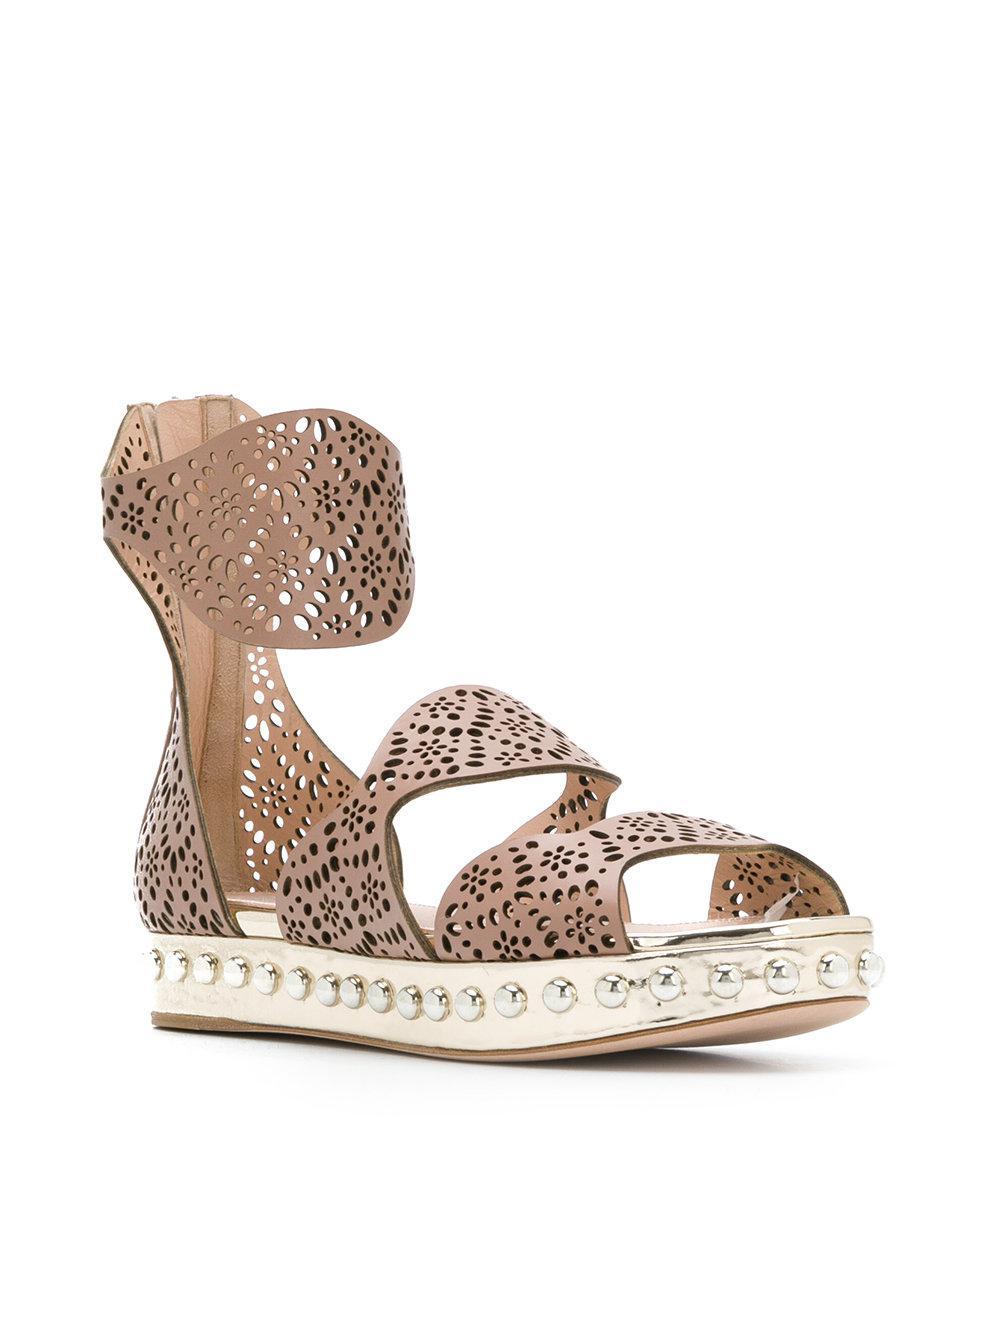 perforated strap sandals - Nude & Neutrals Giambattista Valli Ern9m0